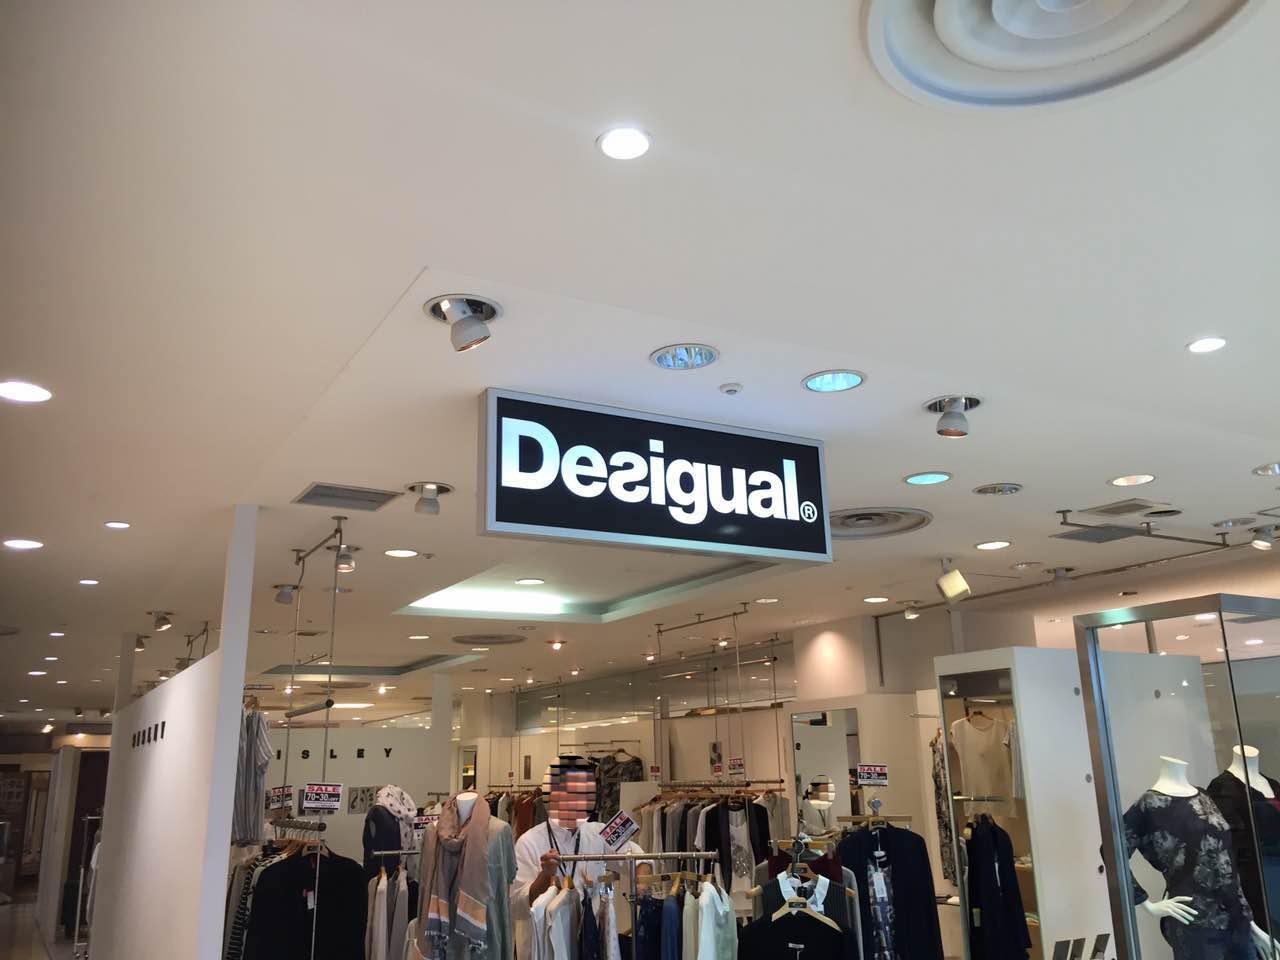 デパートファション店の電飾看板